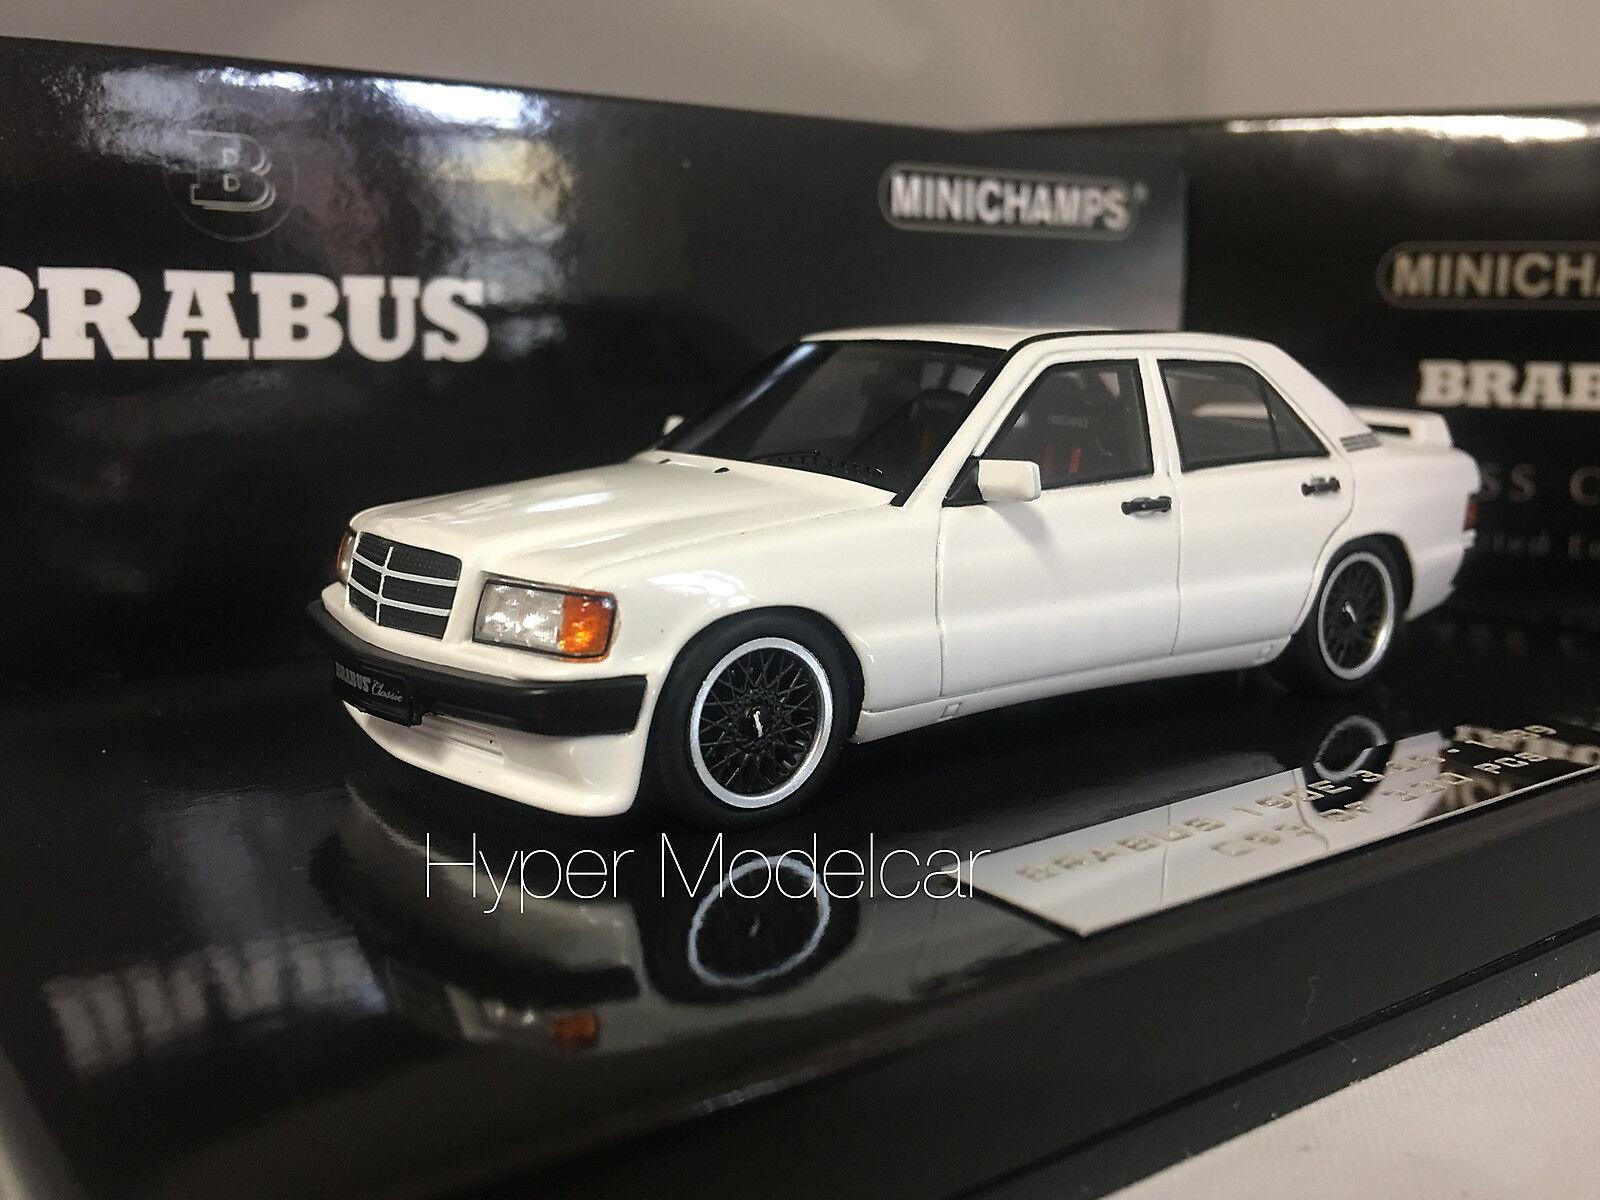 Minichamps 1  43 Mercedes -Benz 190E 3.6S Brabuss 1989 vit 437032602